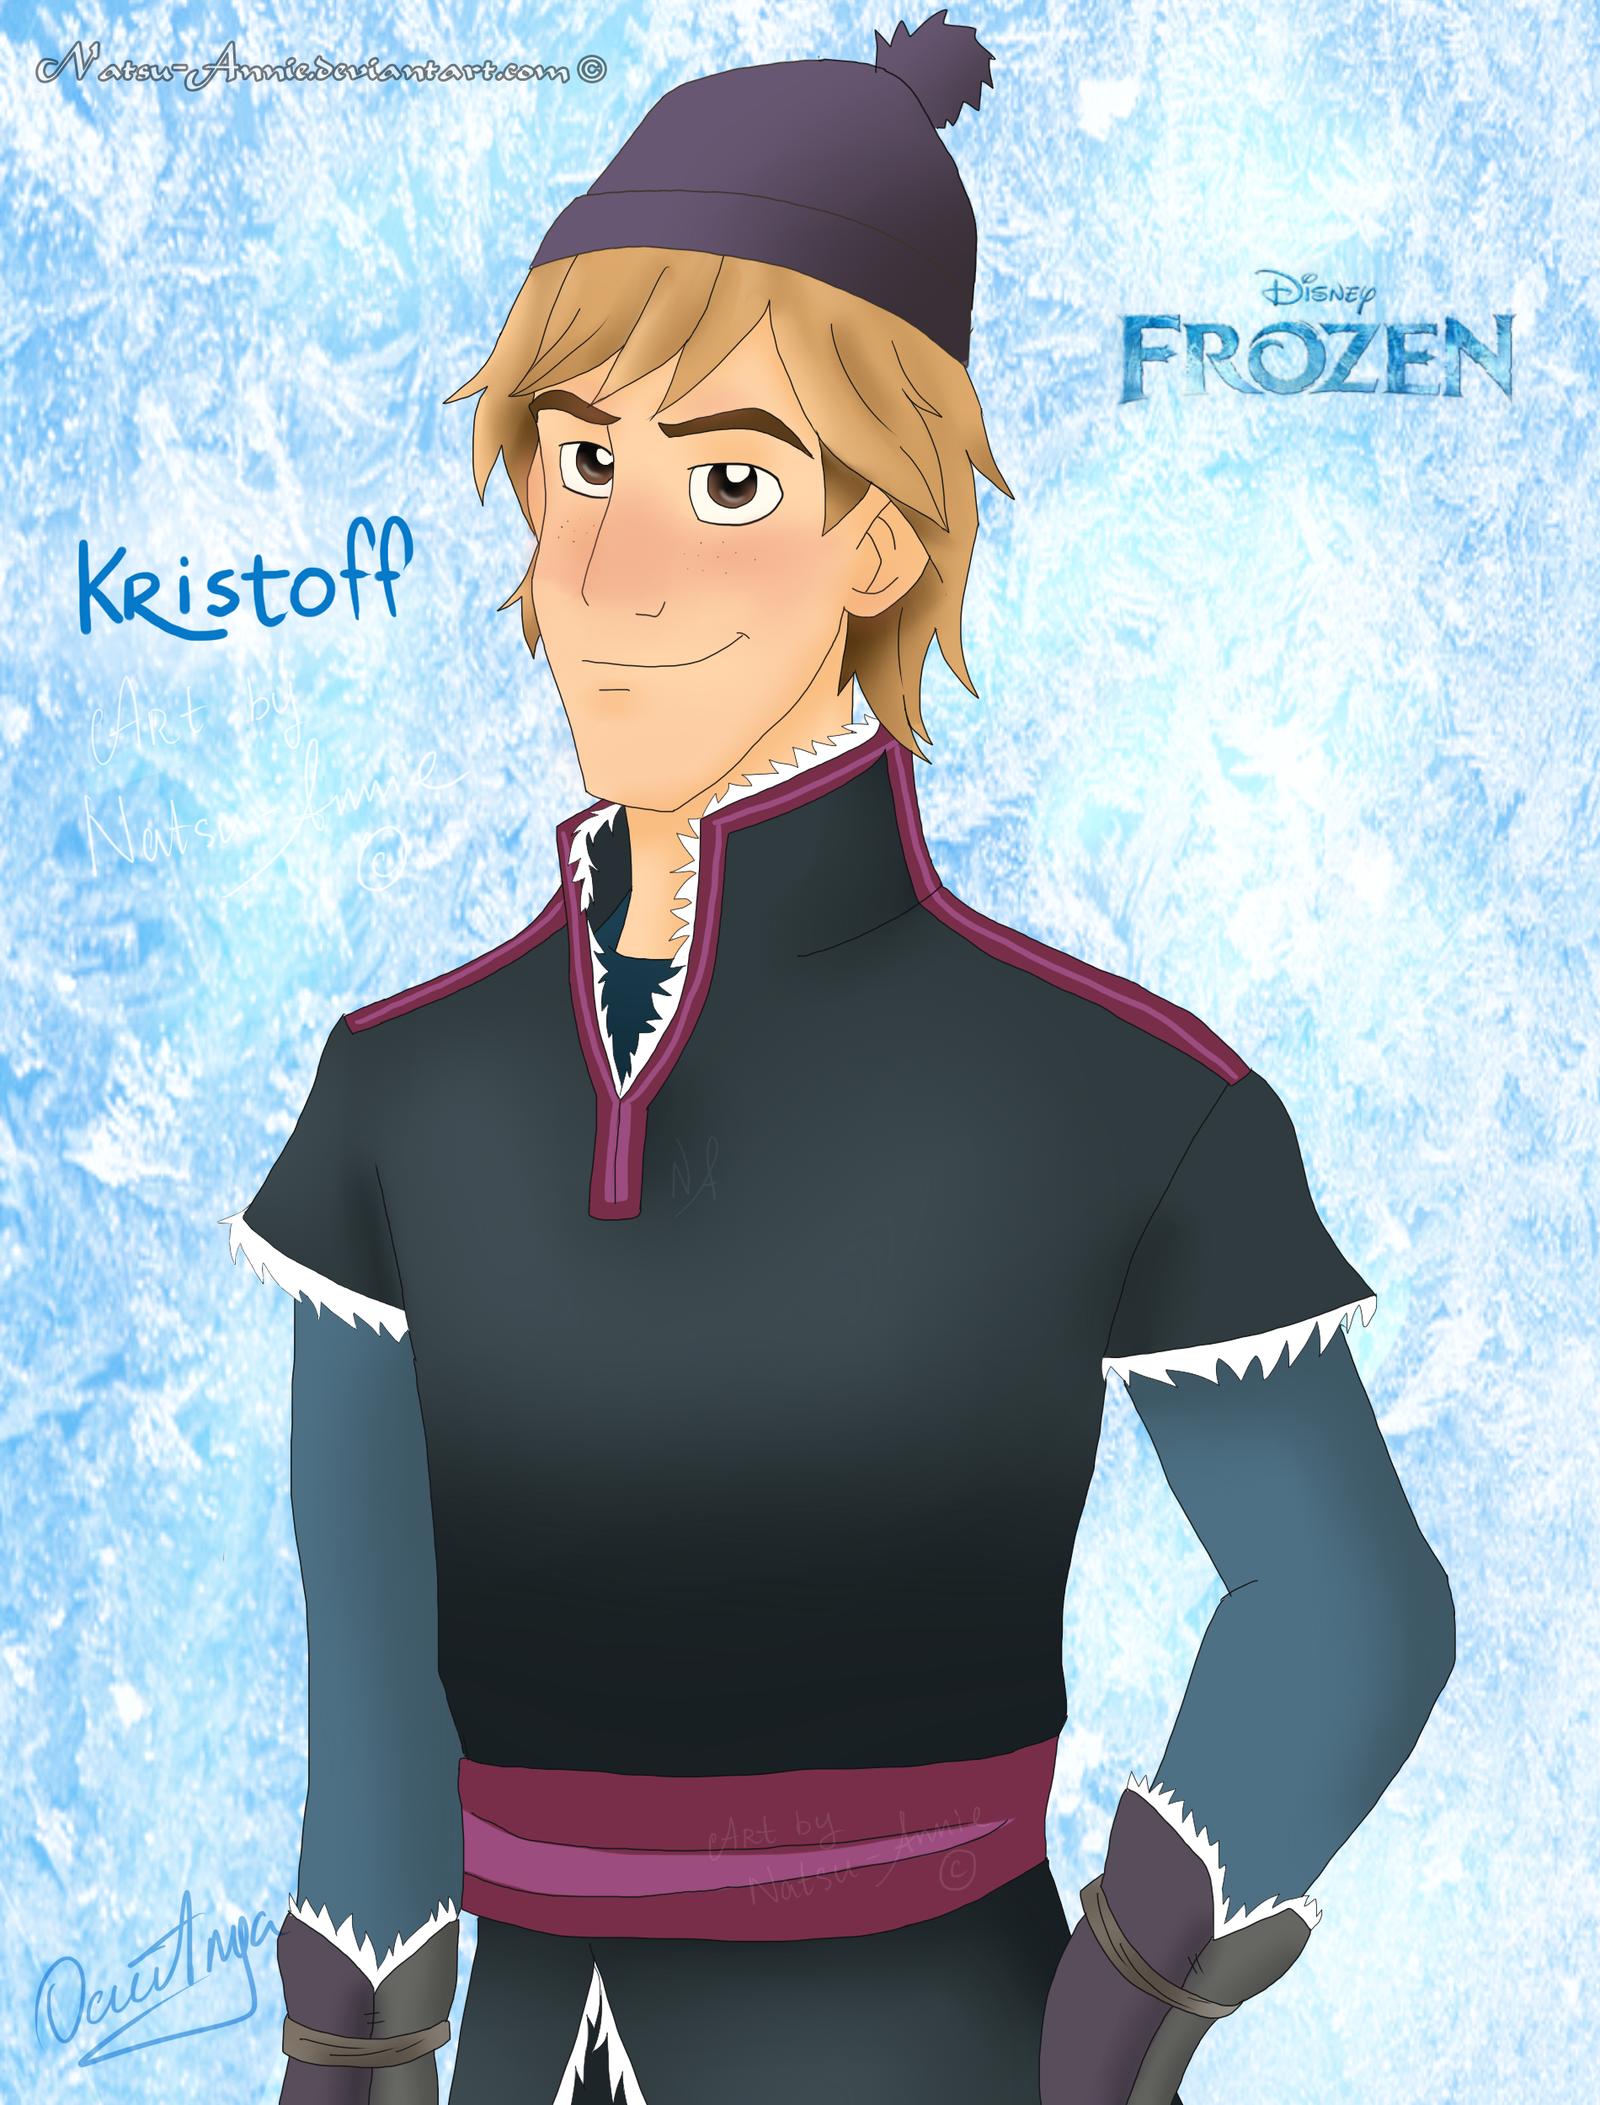 Kristoff-frozen-35090135-1600-2105 pngKristoff Frozen